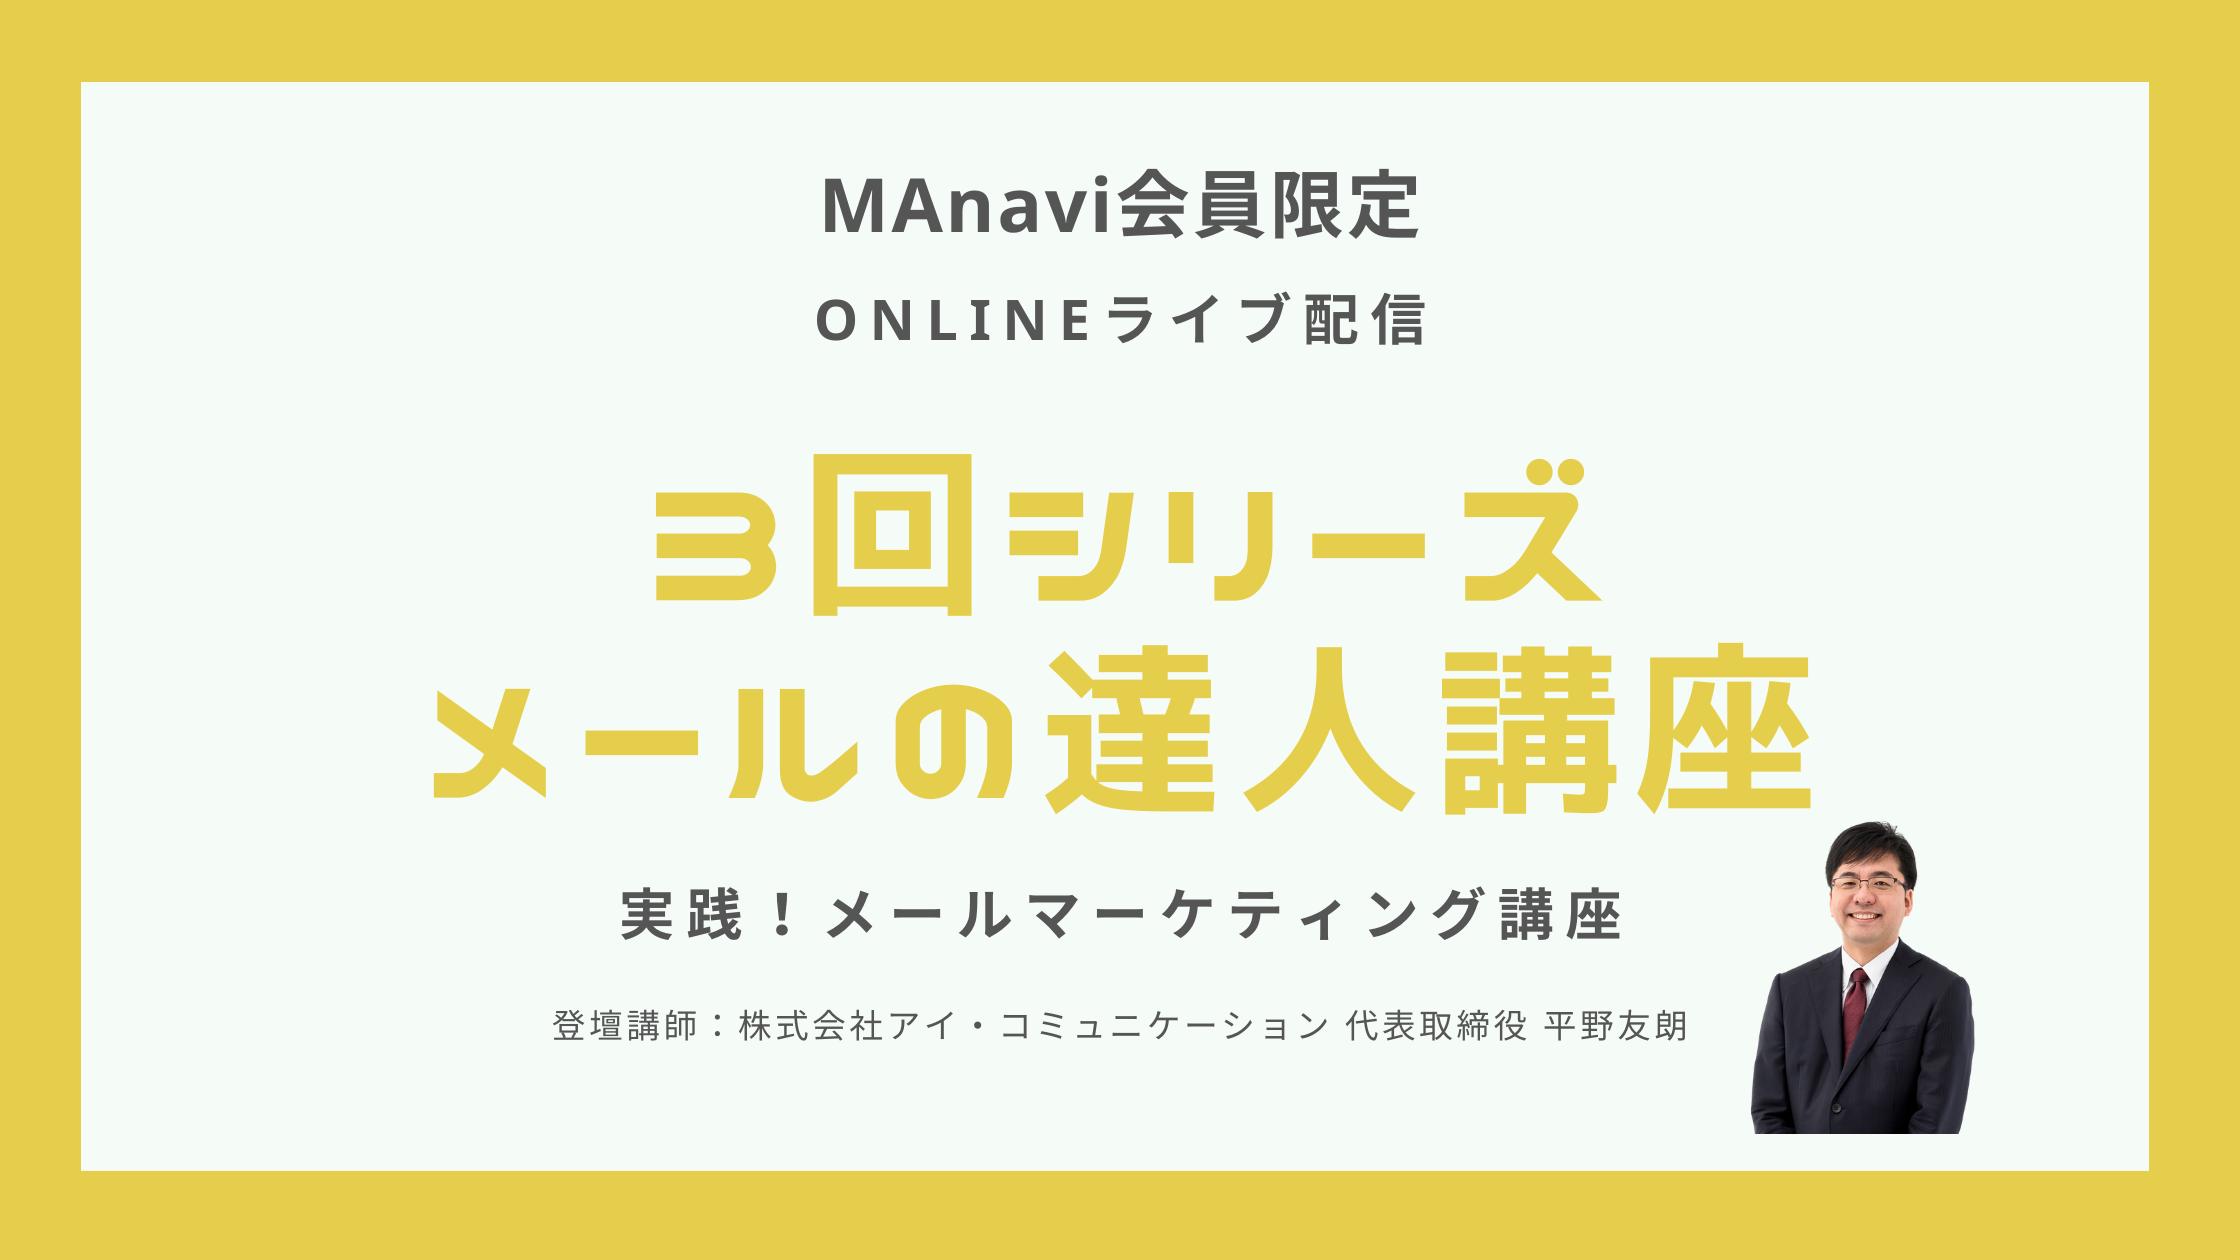 【MAnaviオンライン】特別開講「メールの達人講座~全3回シリーズ~」②メール構成編 ~メールは見た目が9割?!~